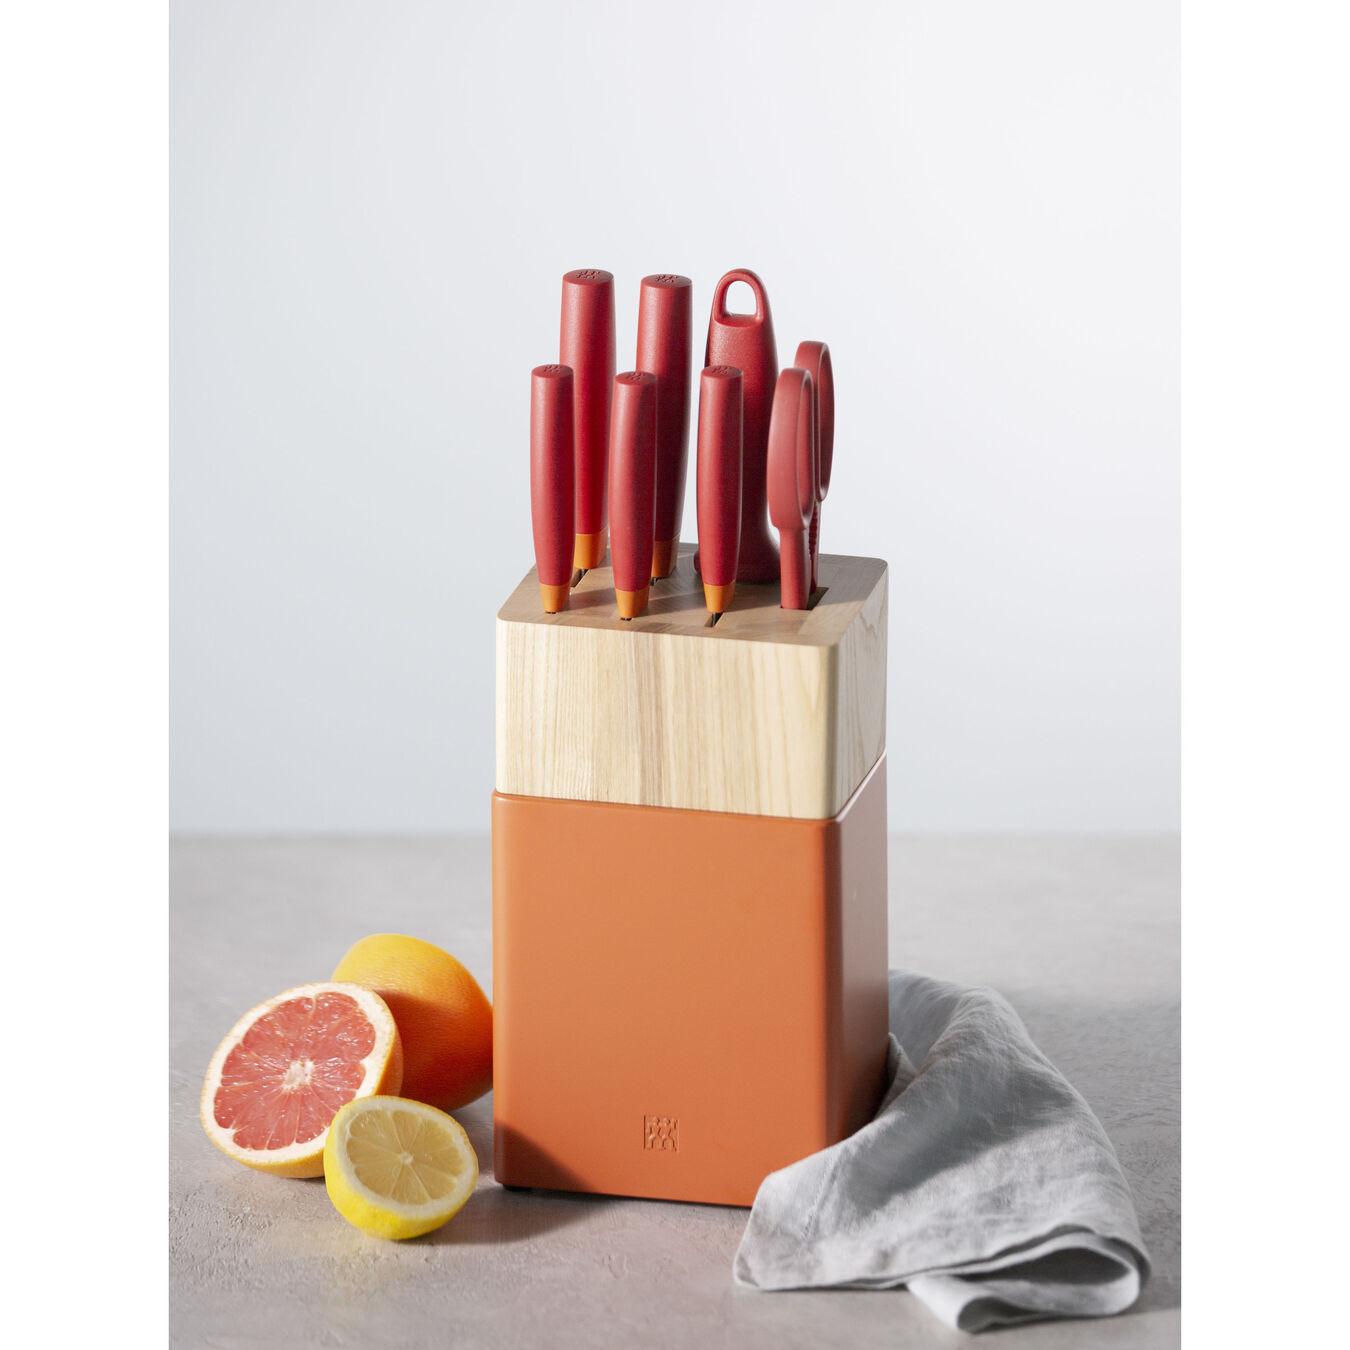 8-pc Knife Block Set - Grenada Orange,,large 3